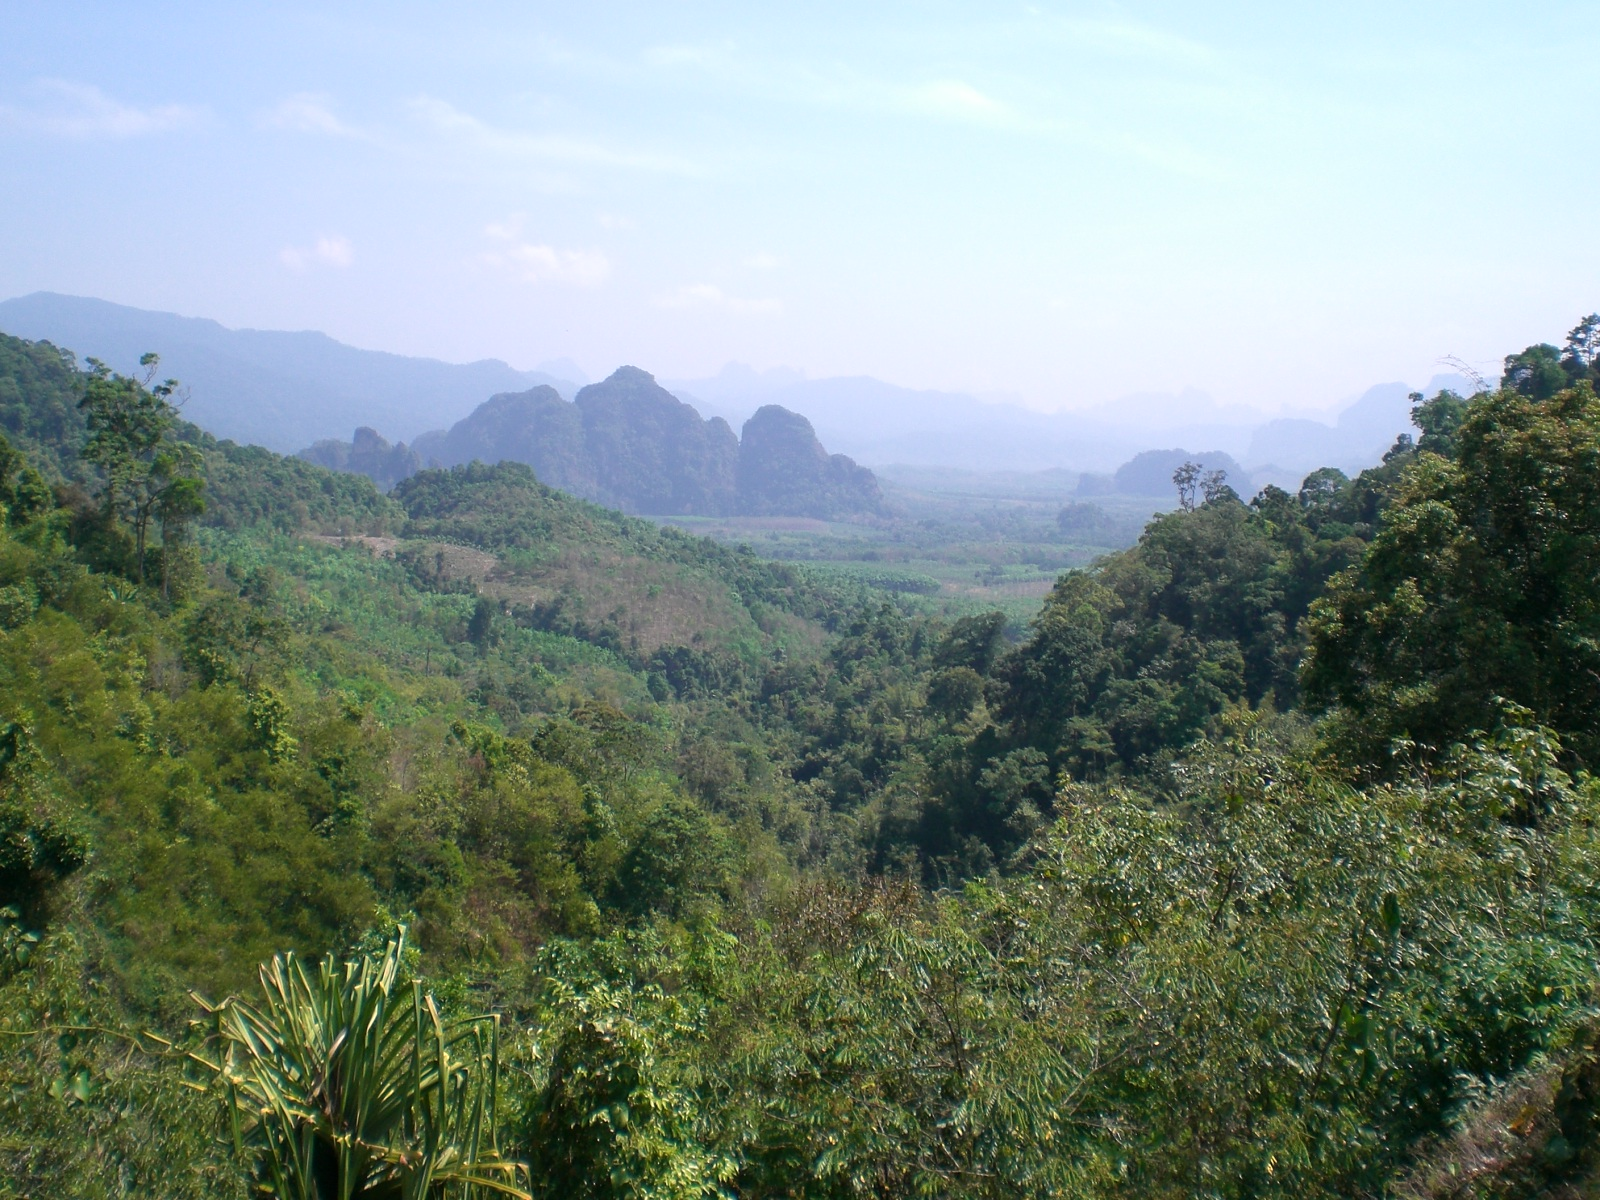 Dschungellandschaft - Phuket tauchen